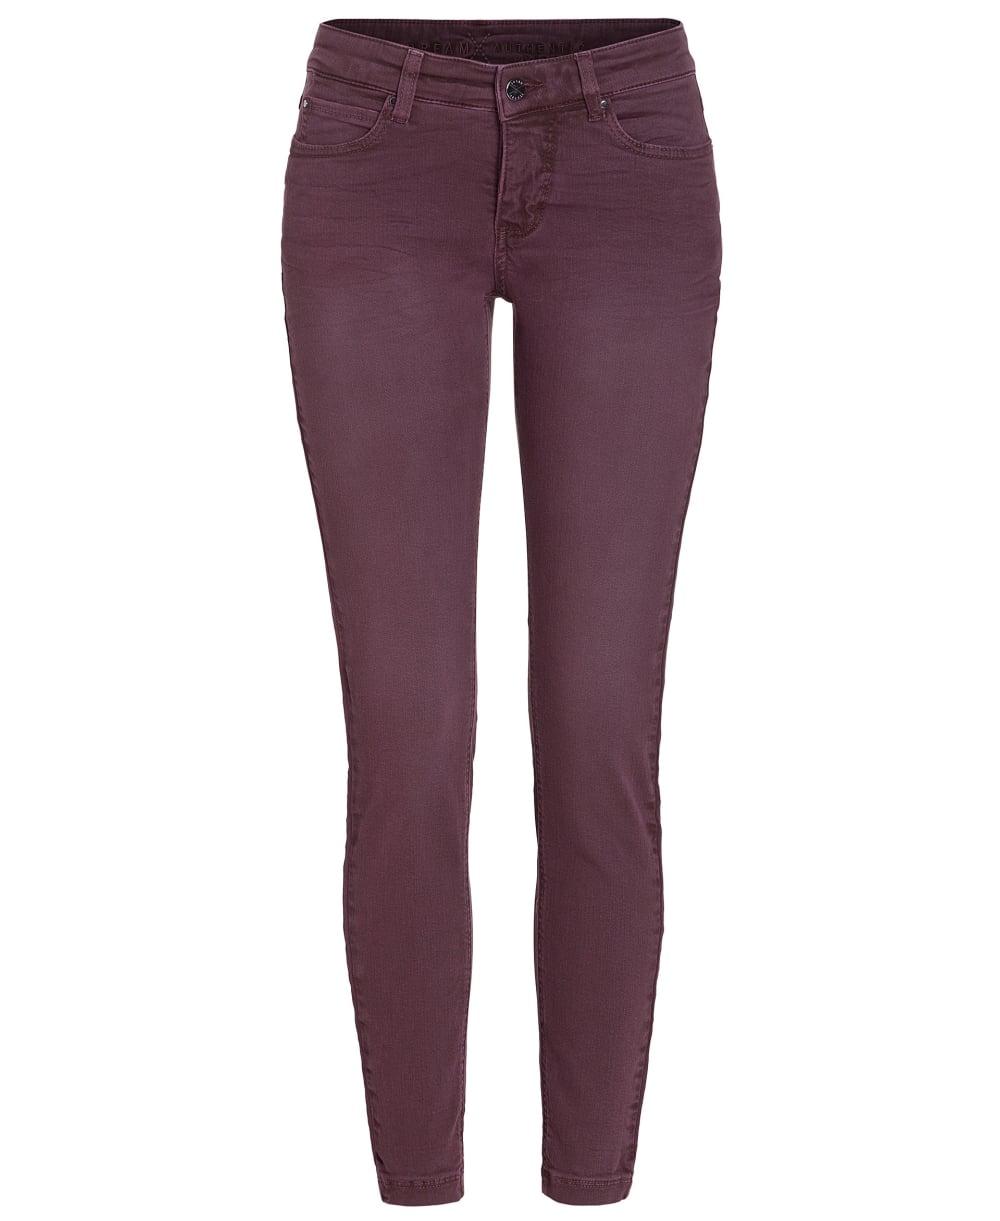 mac jeans dream skinny mac jeans dream skinny authentic. Black Bedroom Furniture Sets. Home Design Ideas